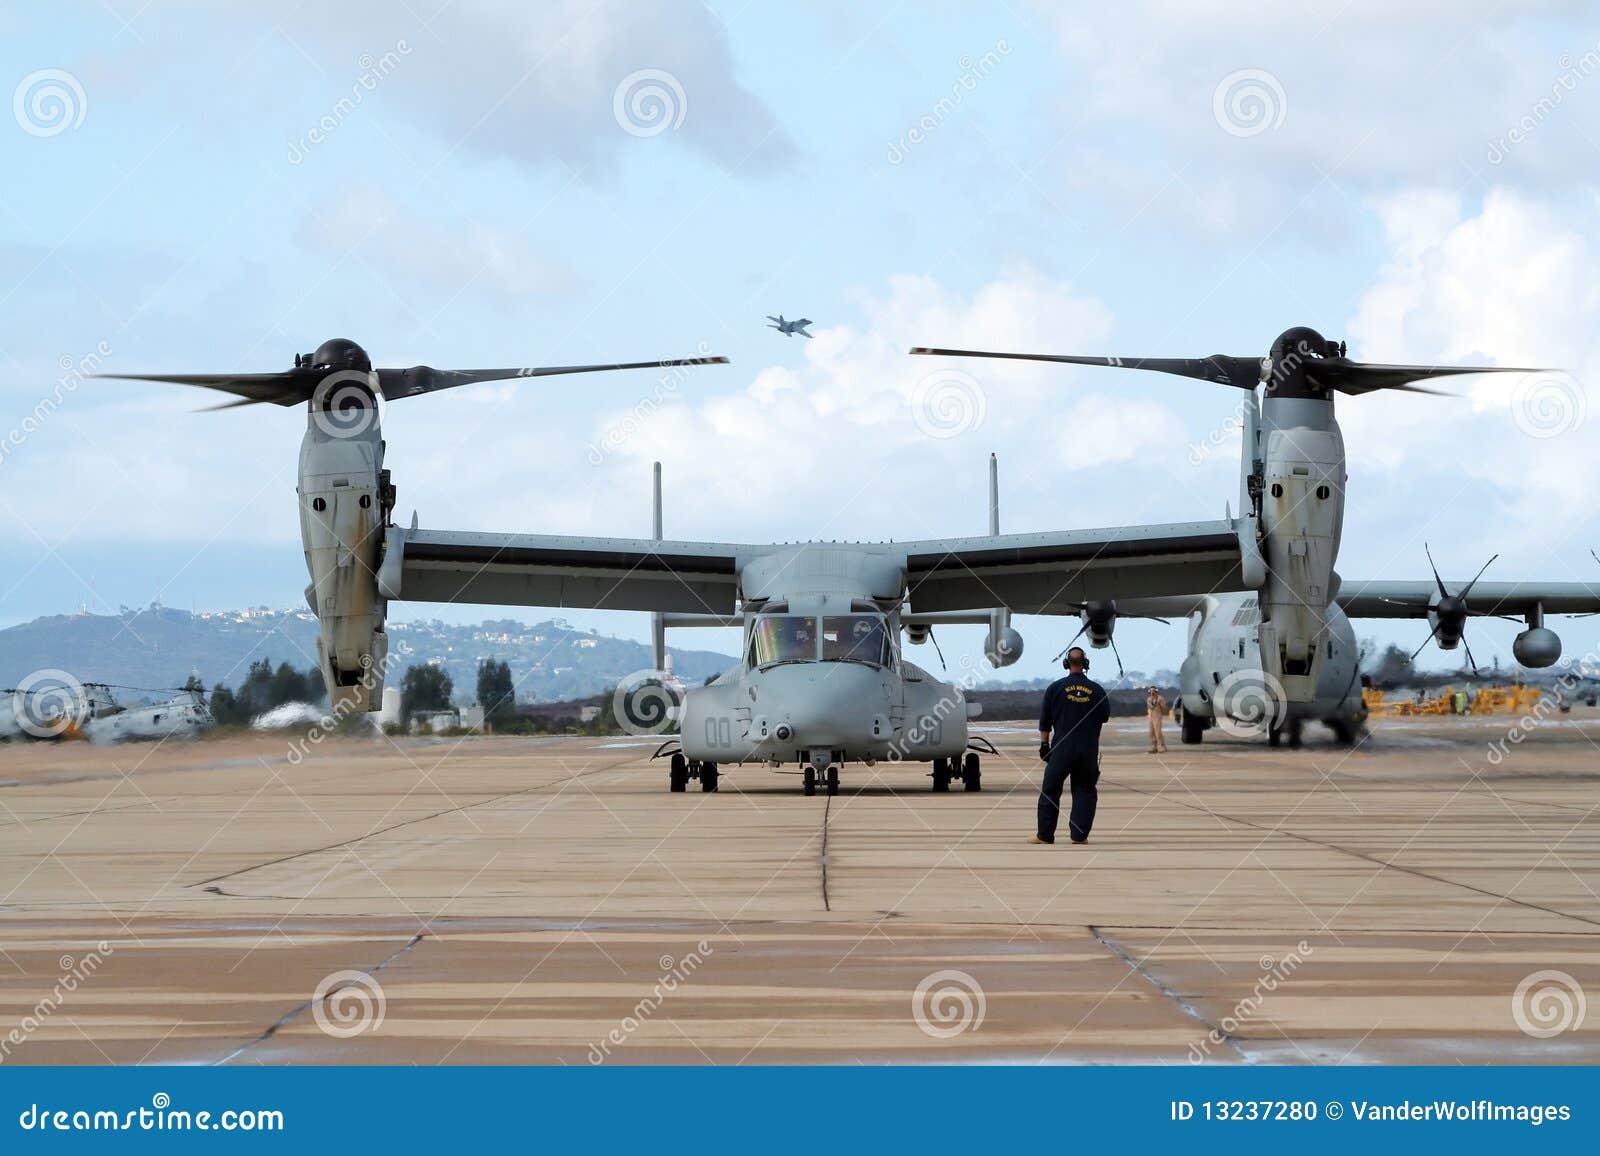 海军陆战队员白鹭的羽毛飞机我们